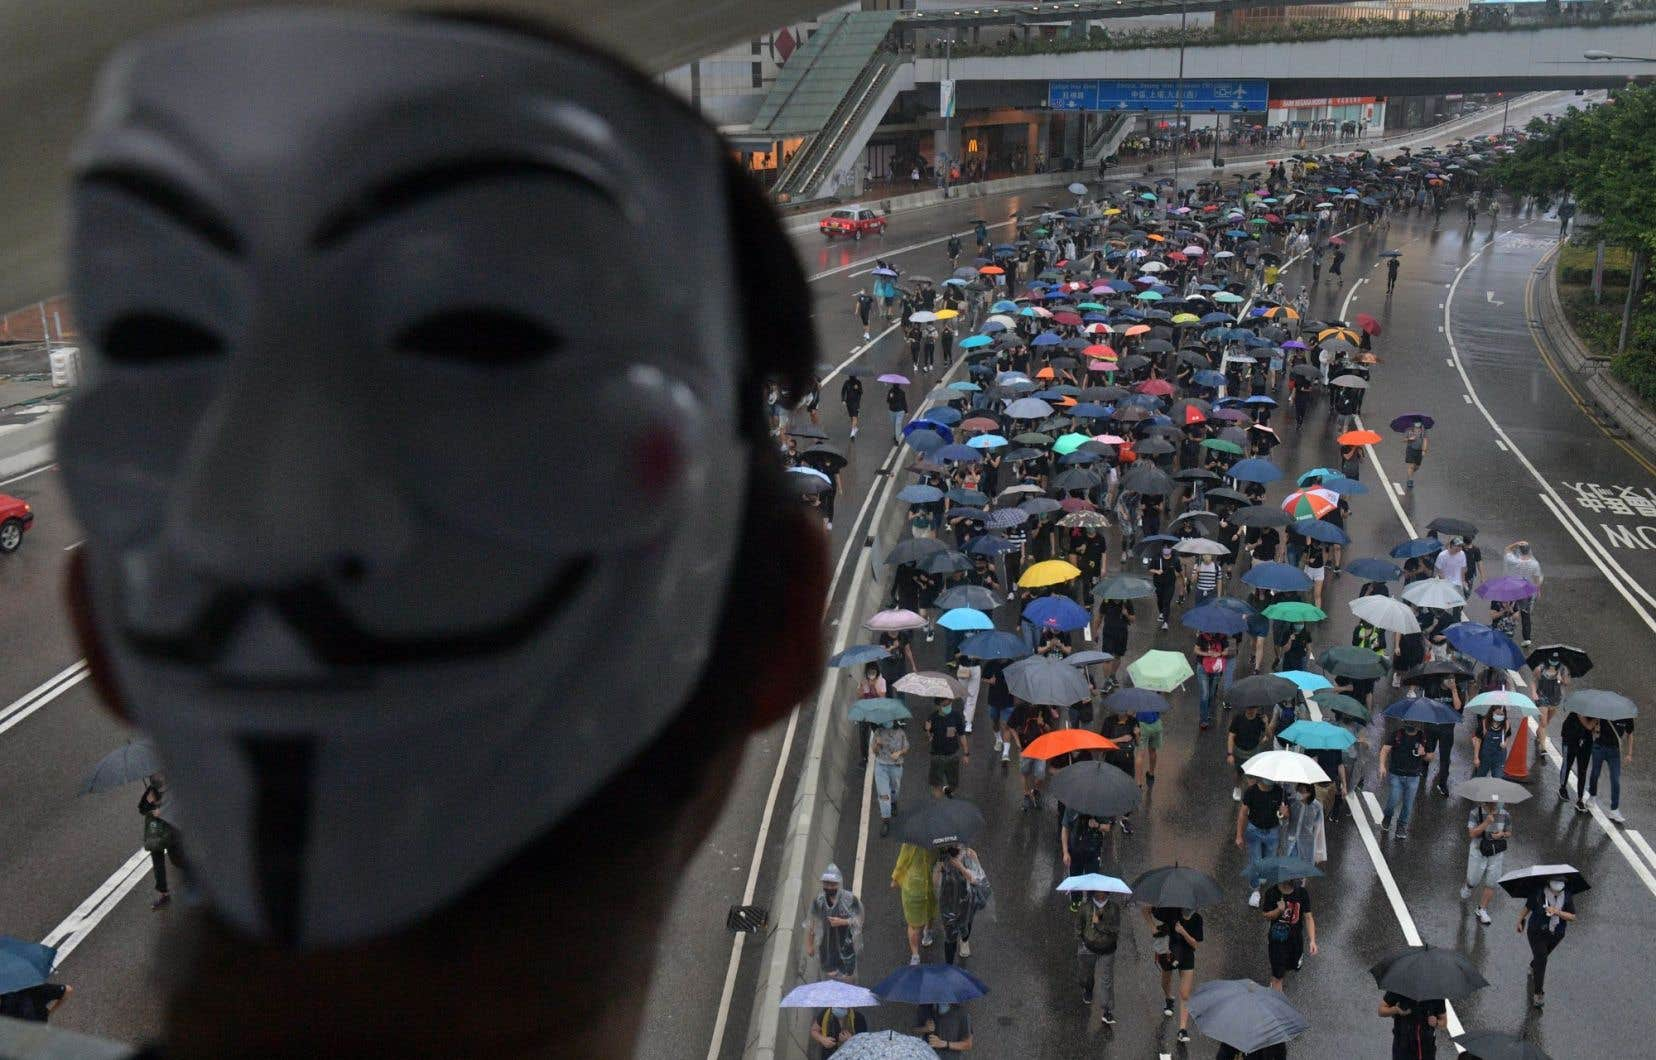 Cette nouvelle menace intervient après trois jours consécutifs de rassemblements éclair, qui ont rassemblé des dizaines de milliers de personnes à travers tout le territoire semi-autonome.